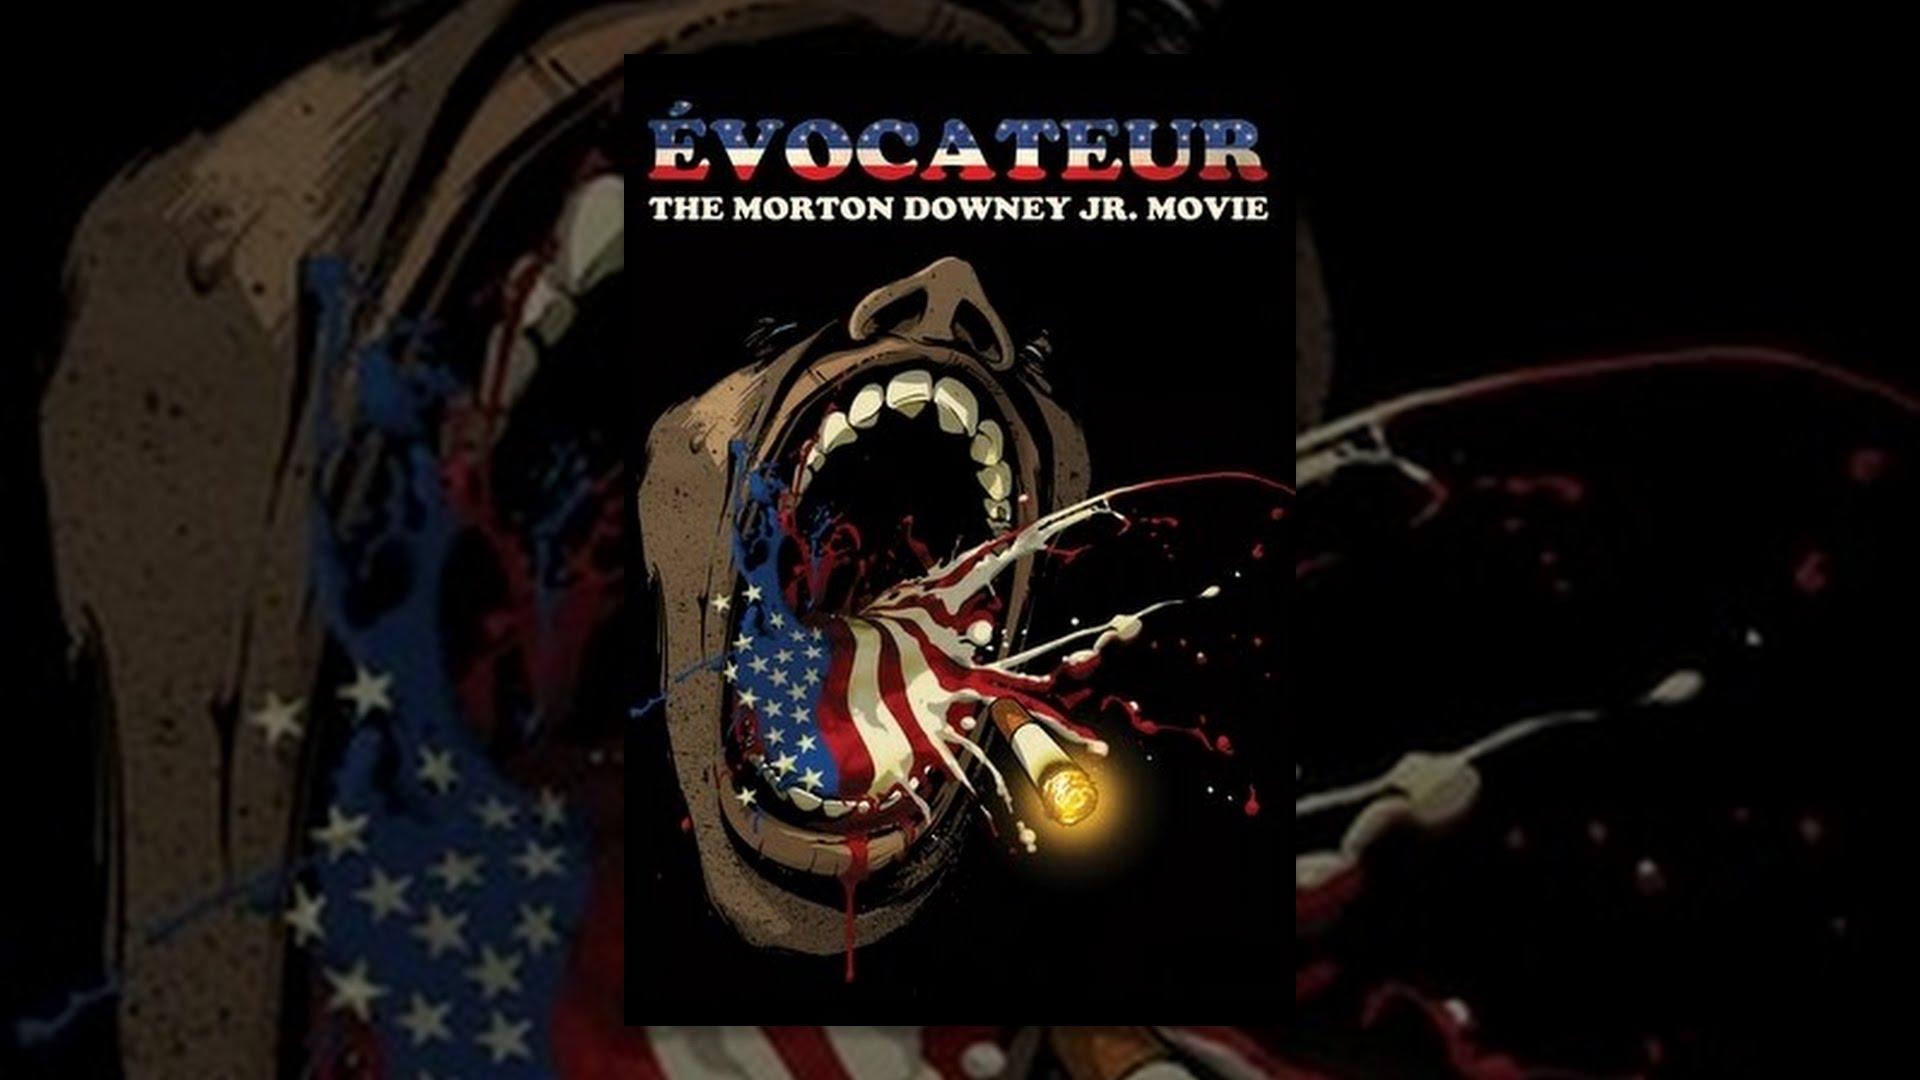 Morton Downey Jr. - IMDb